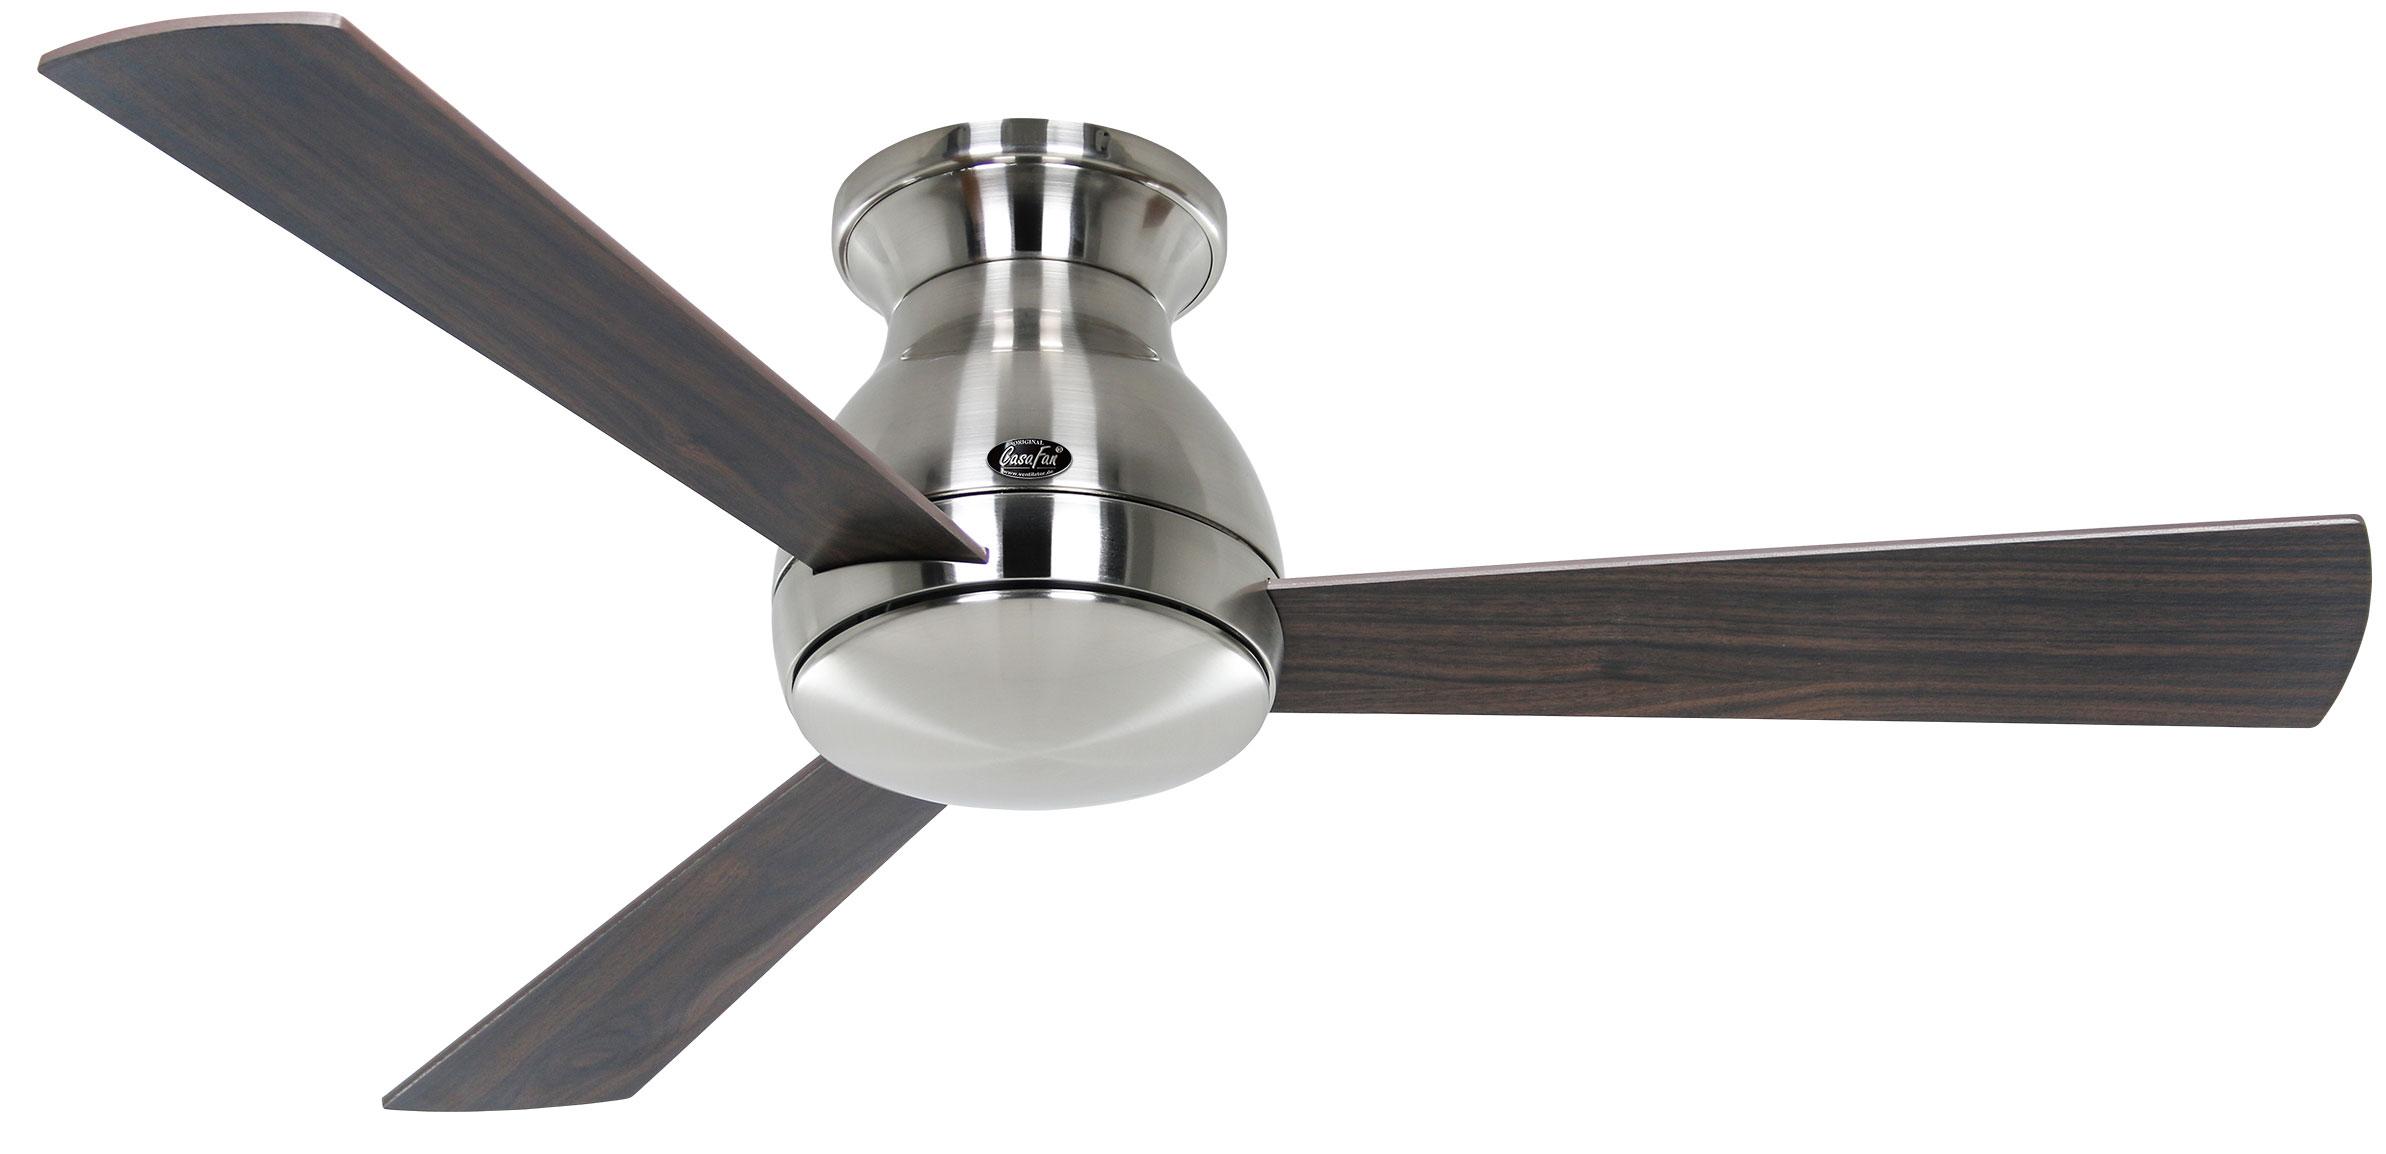 Ventilador de techo Casafan 922511 Eco Neo II 103